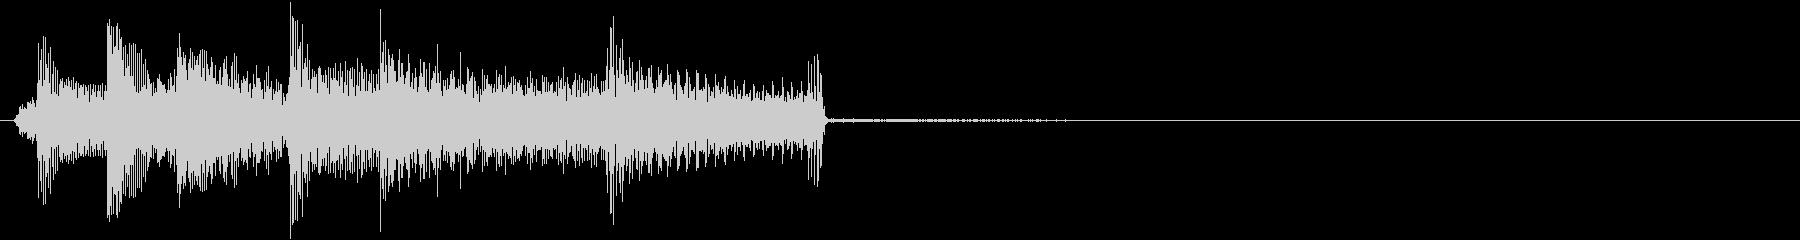 バンジョー:クイックピッキングアク...の未再生の波形